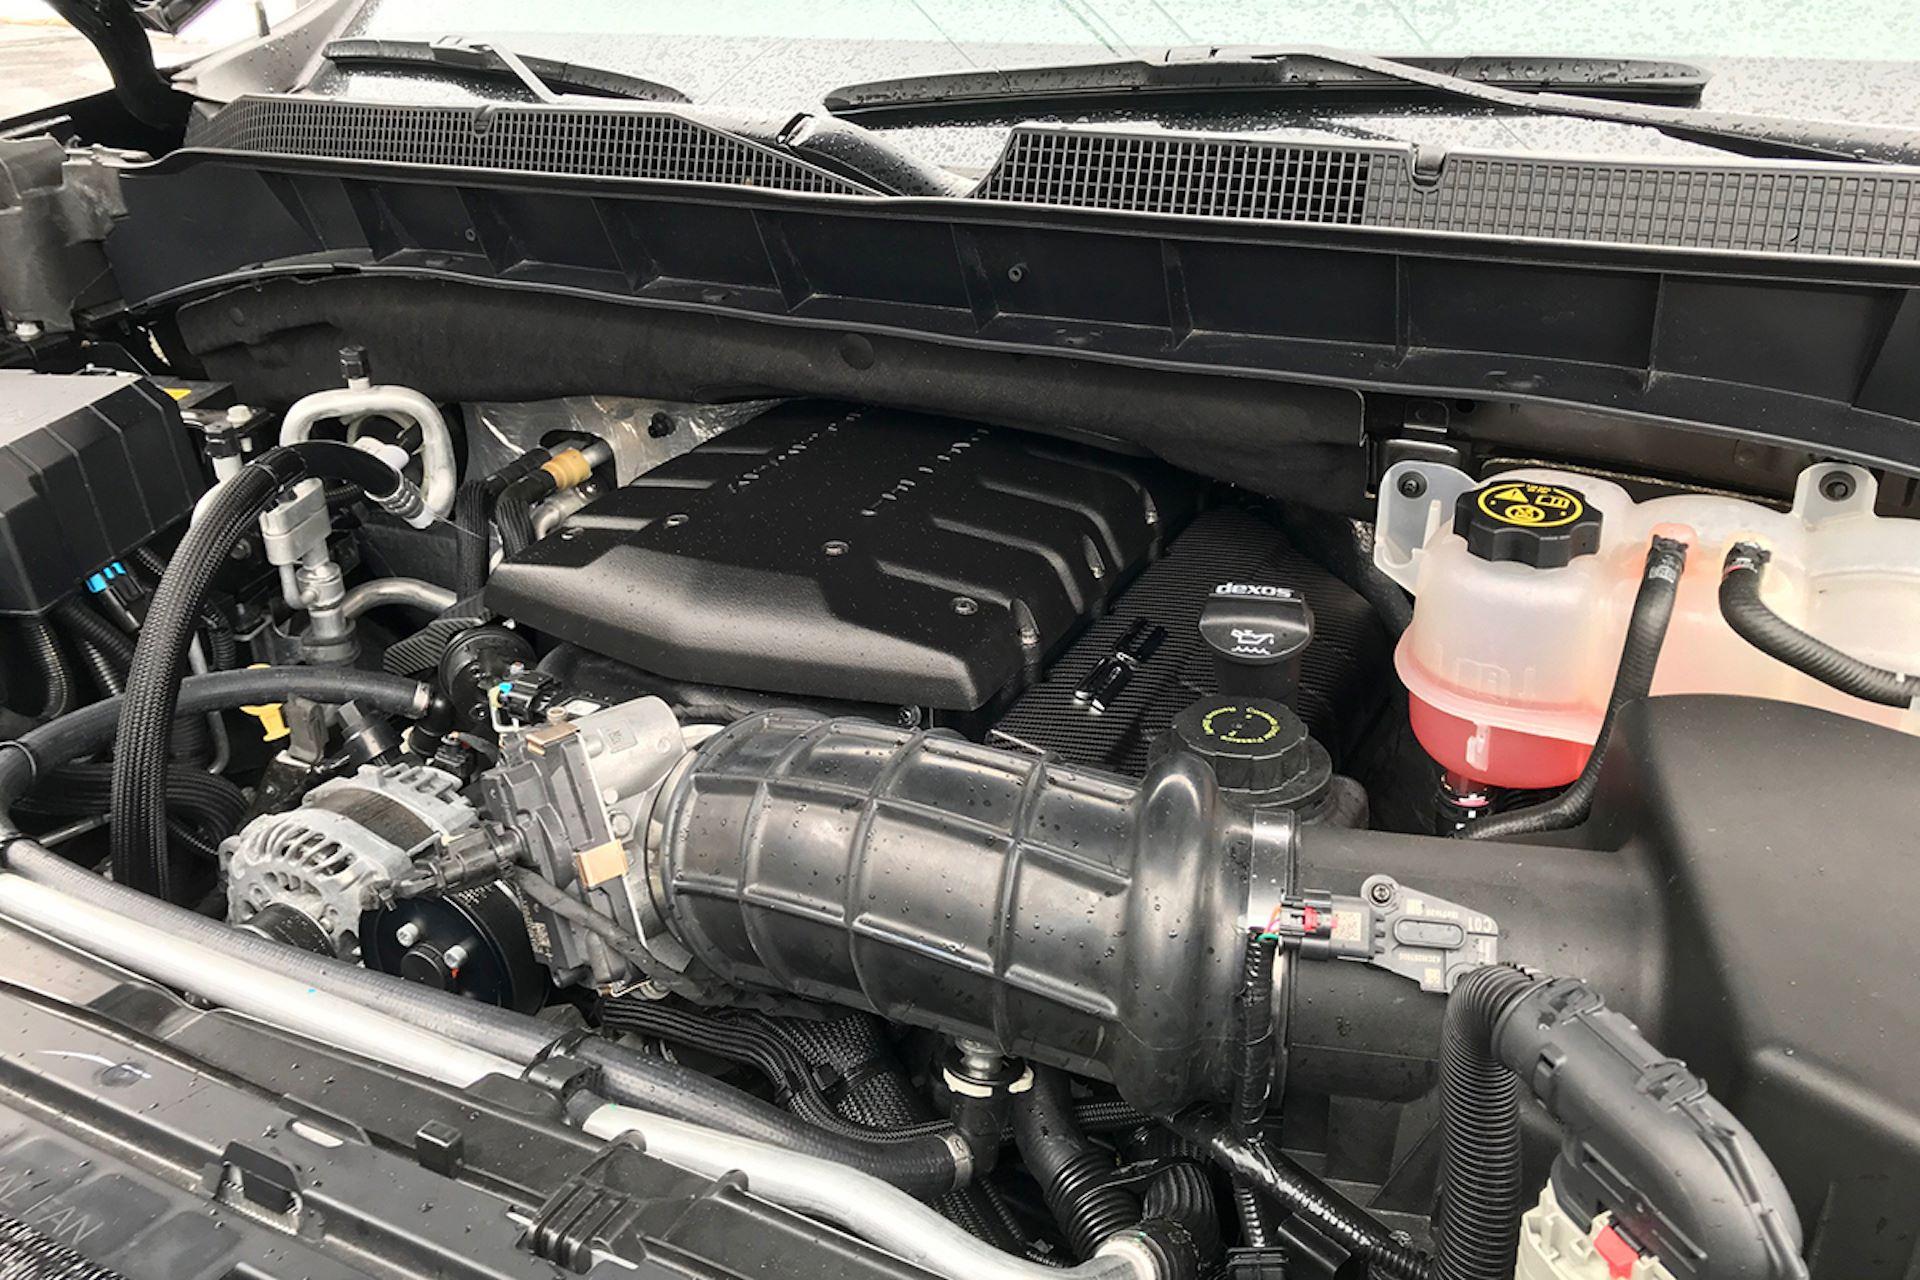 Chevrolet-Silverado-Signature-Edition-by-Callaway-8